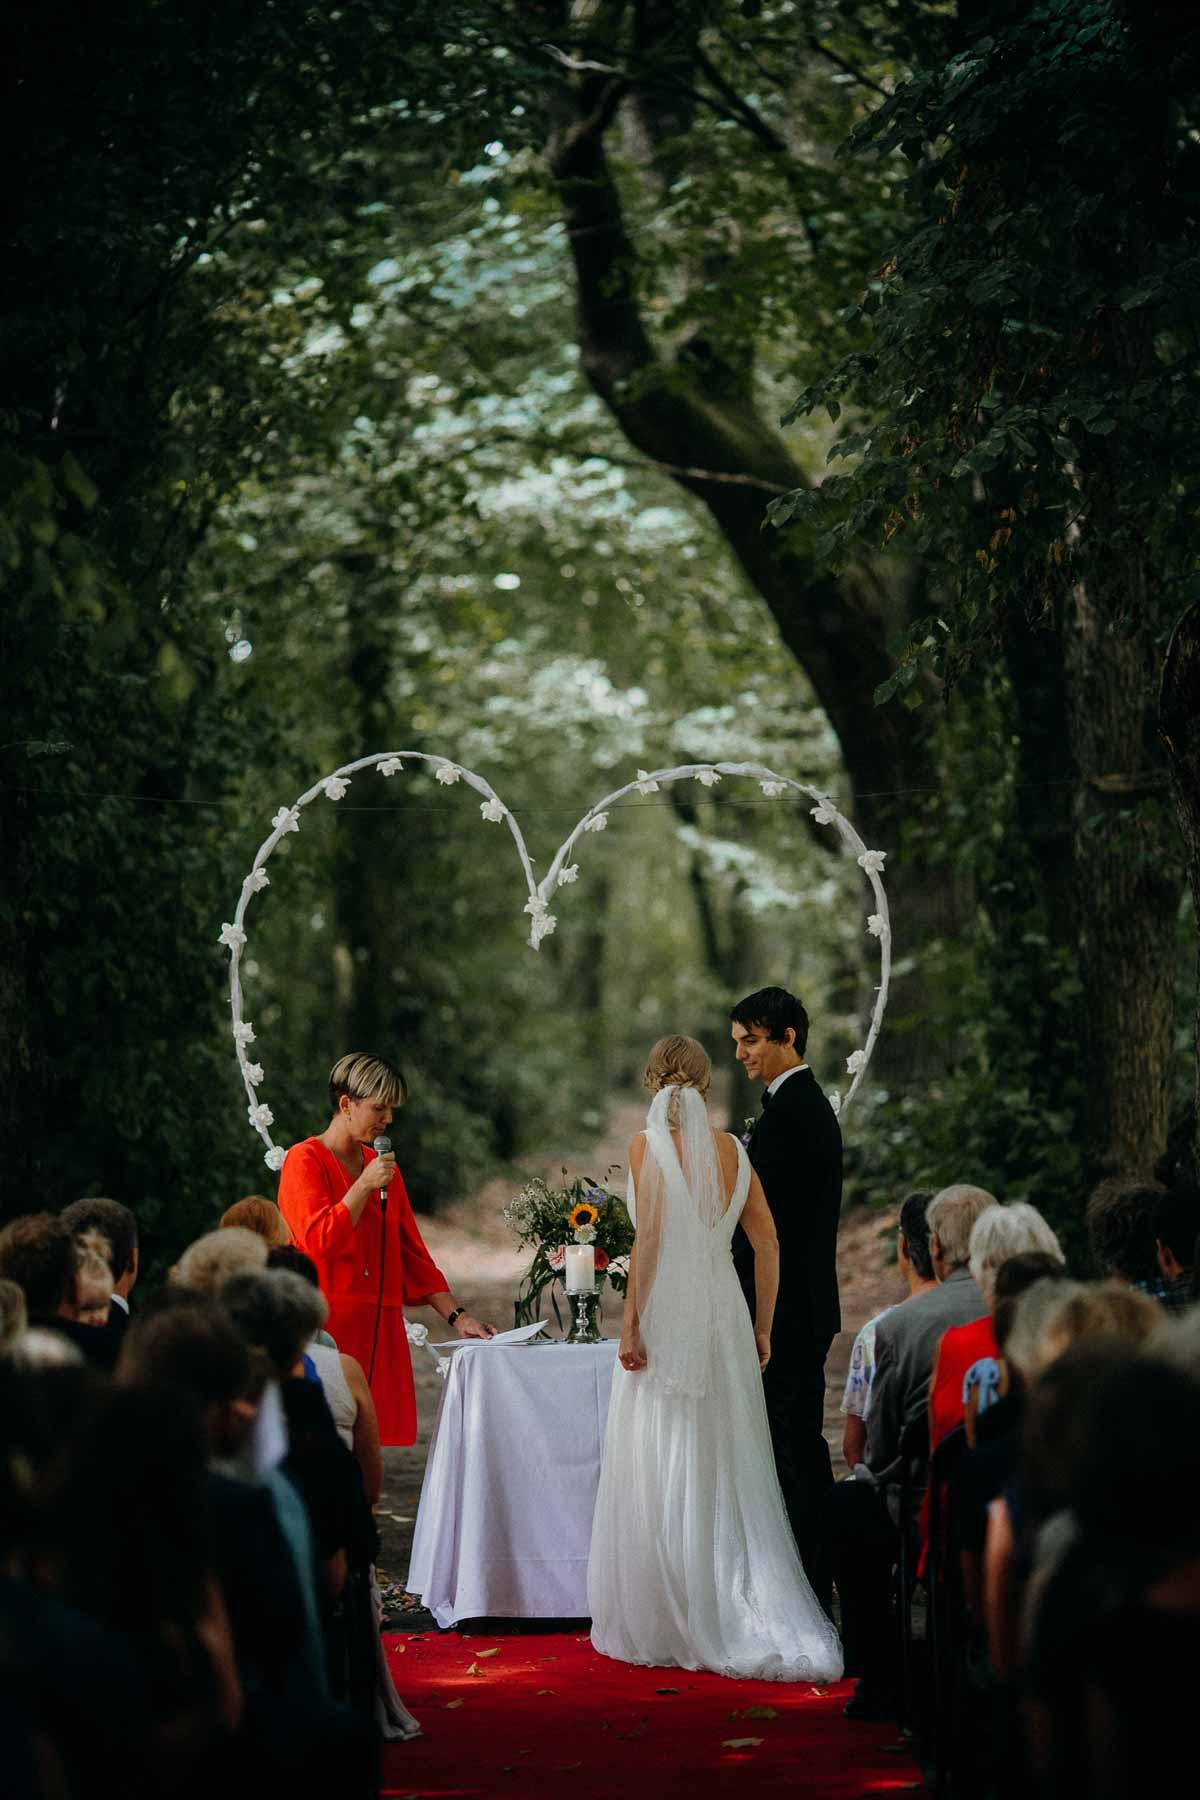 Bryllupsfotografering i nordjylland